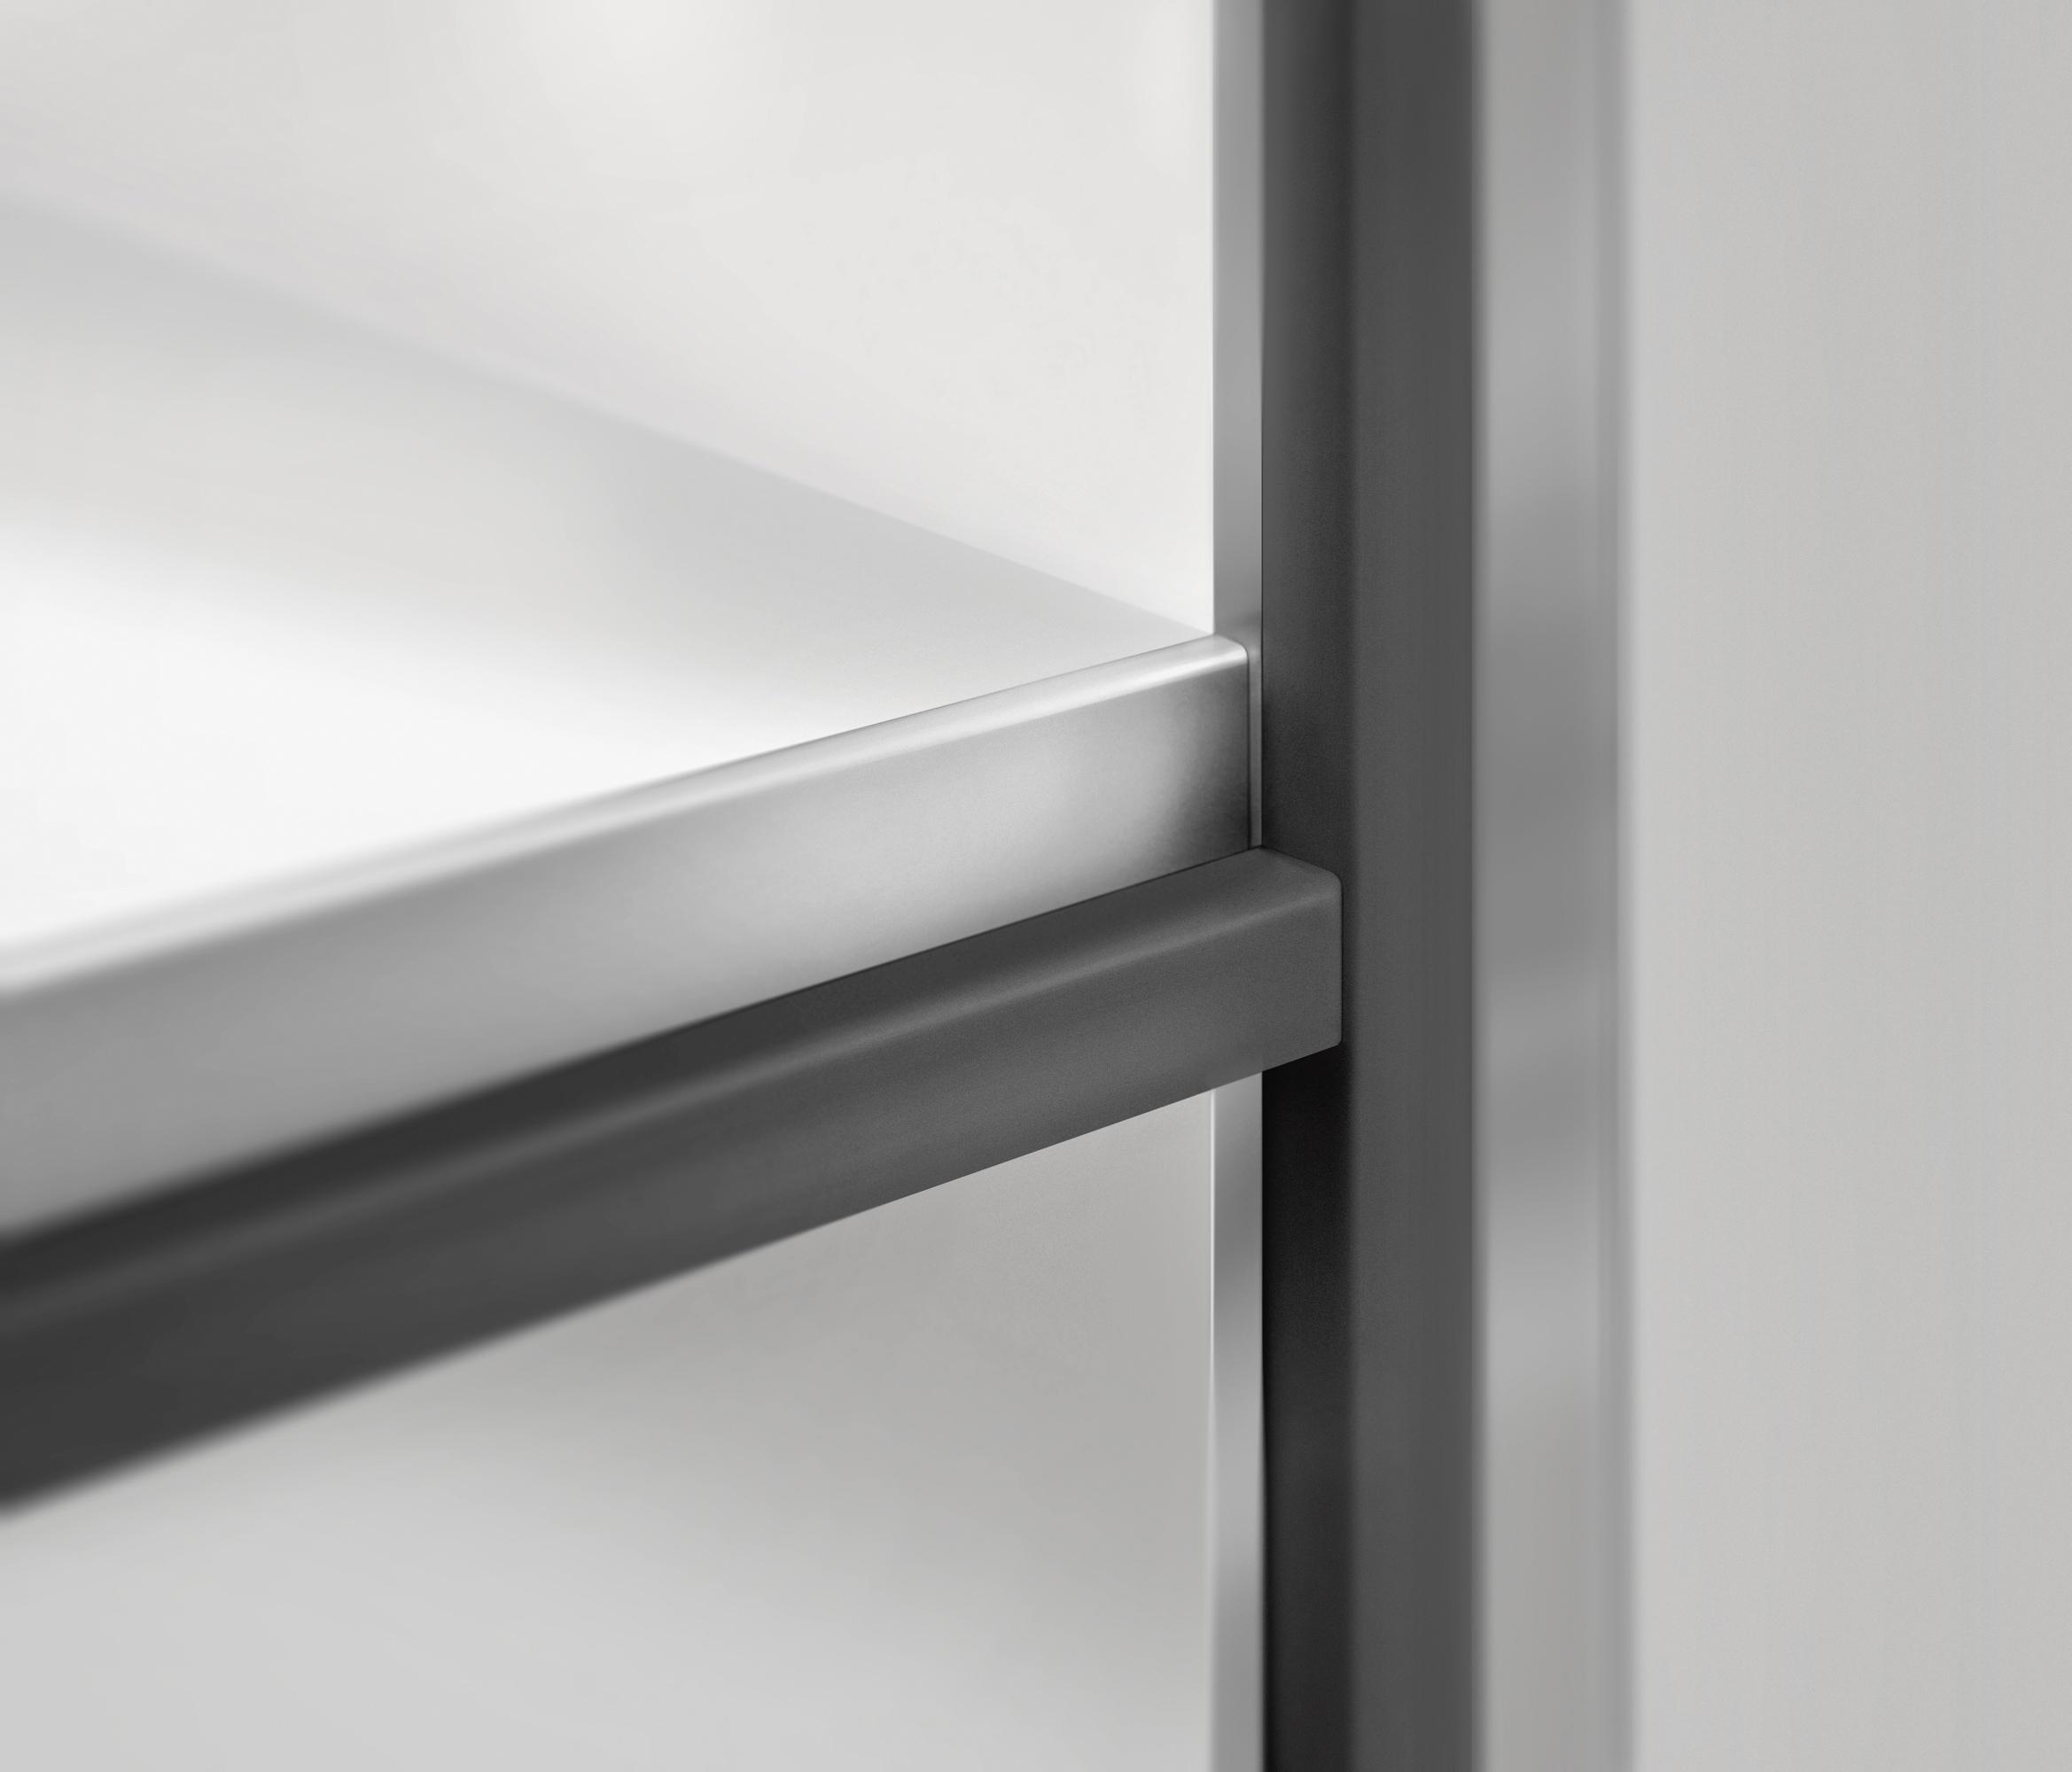 MÖBELBESCHLÄGE - Hochwertige Designer MÖBELBESCHLÄGE | Architonic